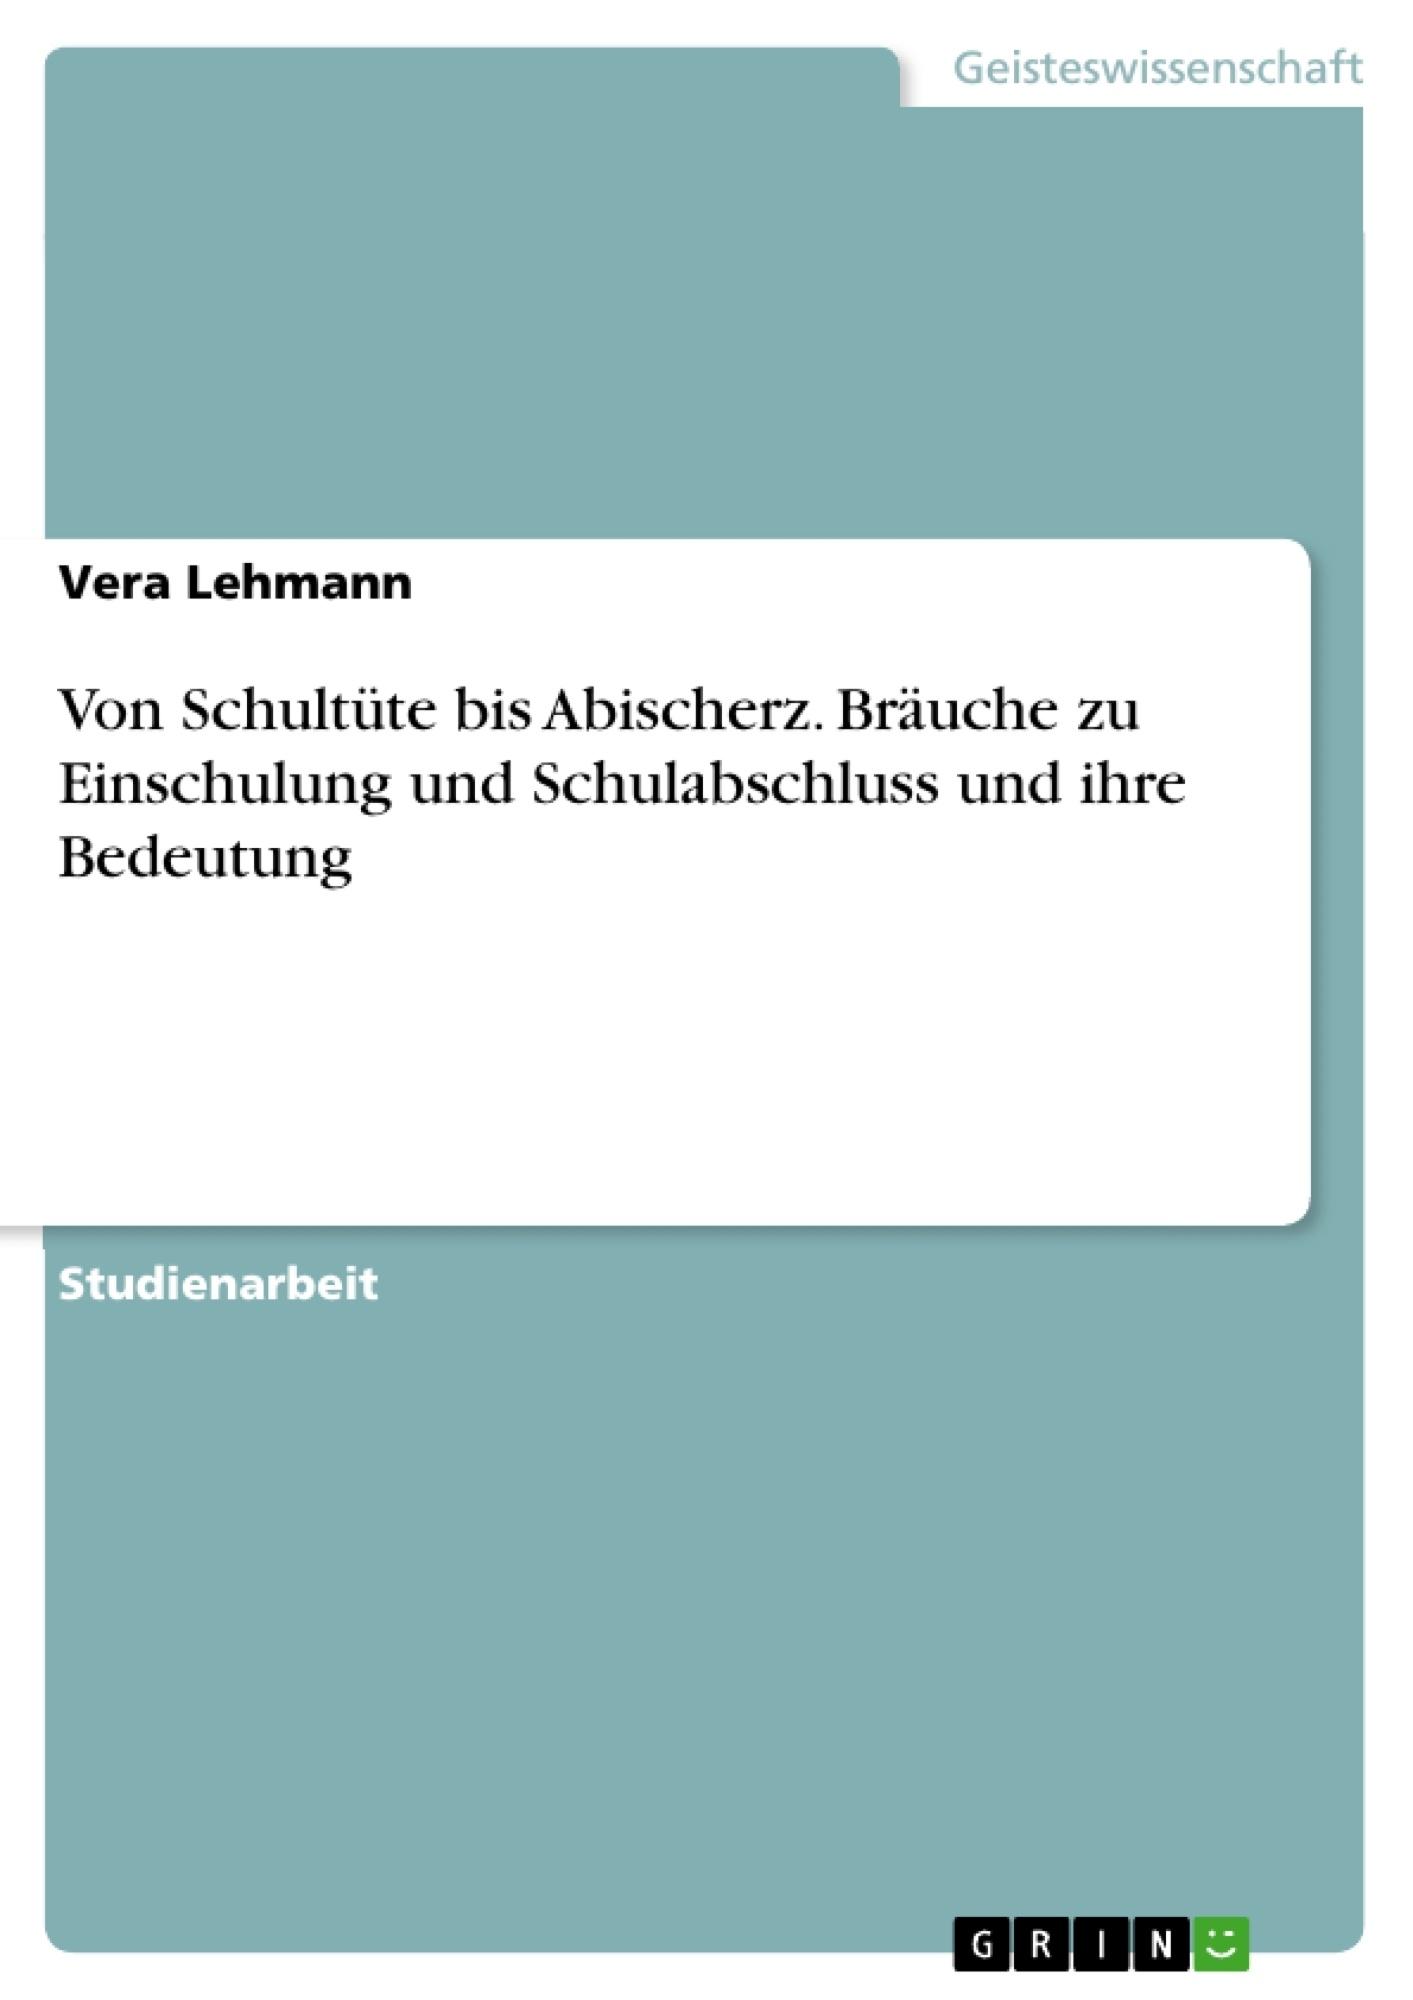 Titel: Von Schultüte bis Abischerz. Bräuche zu Einschulung und Schulabschluss und ihre Bedeutung